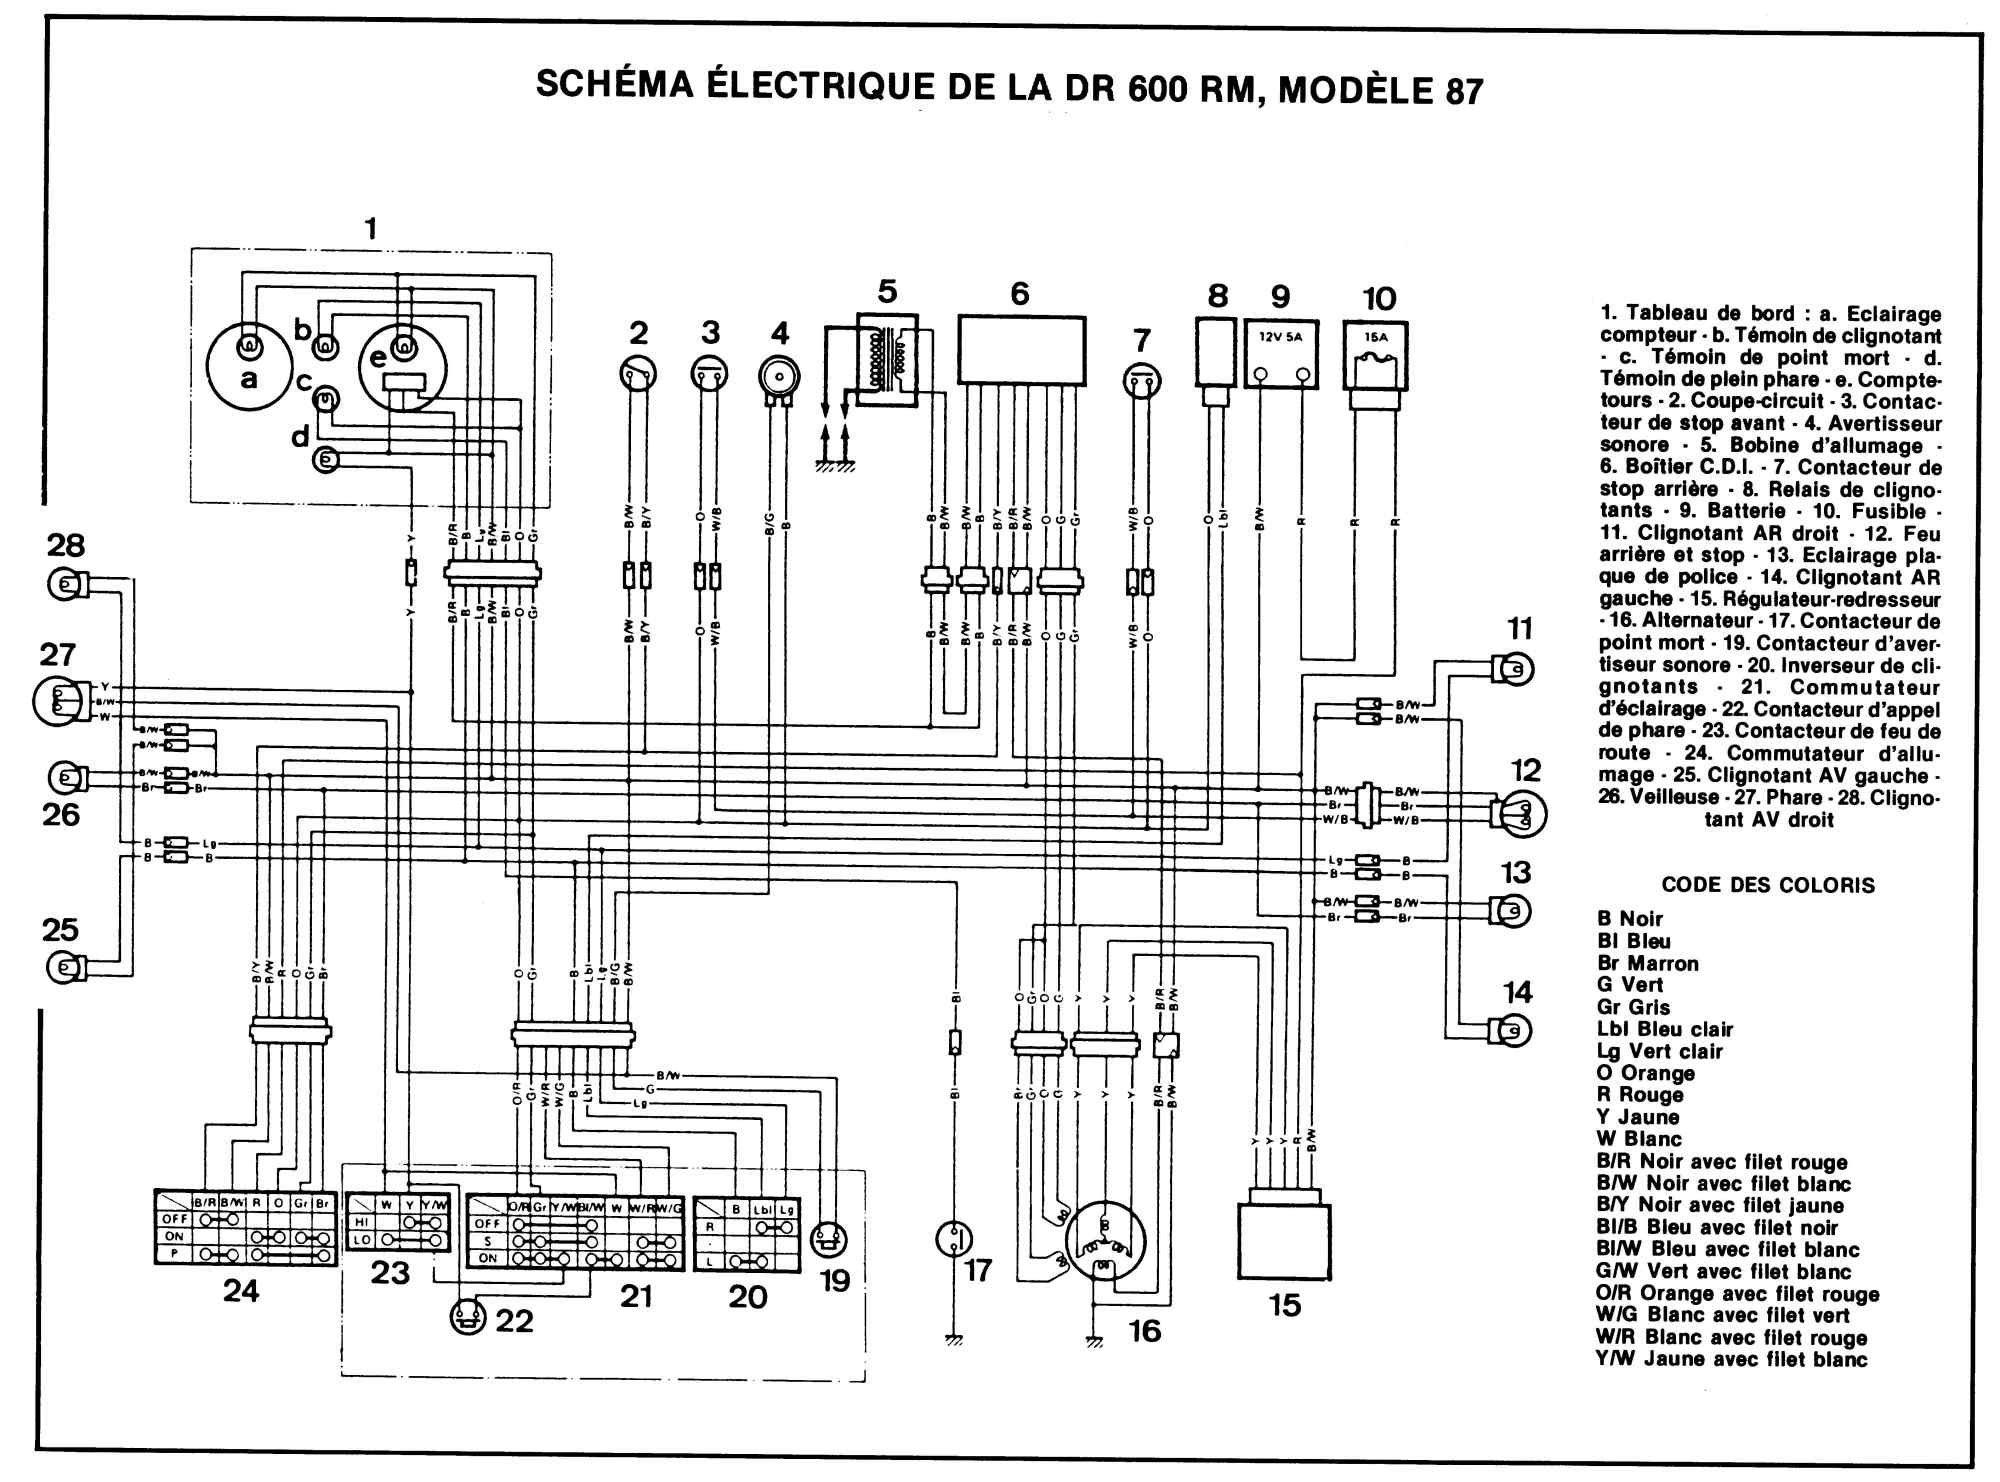 Schema Electrique 600dr Rm 87